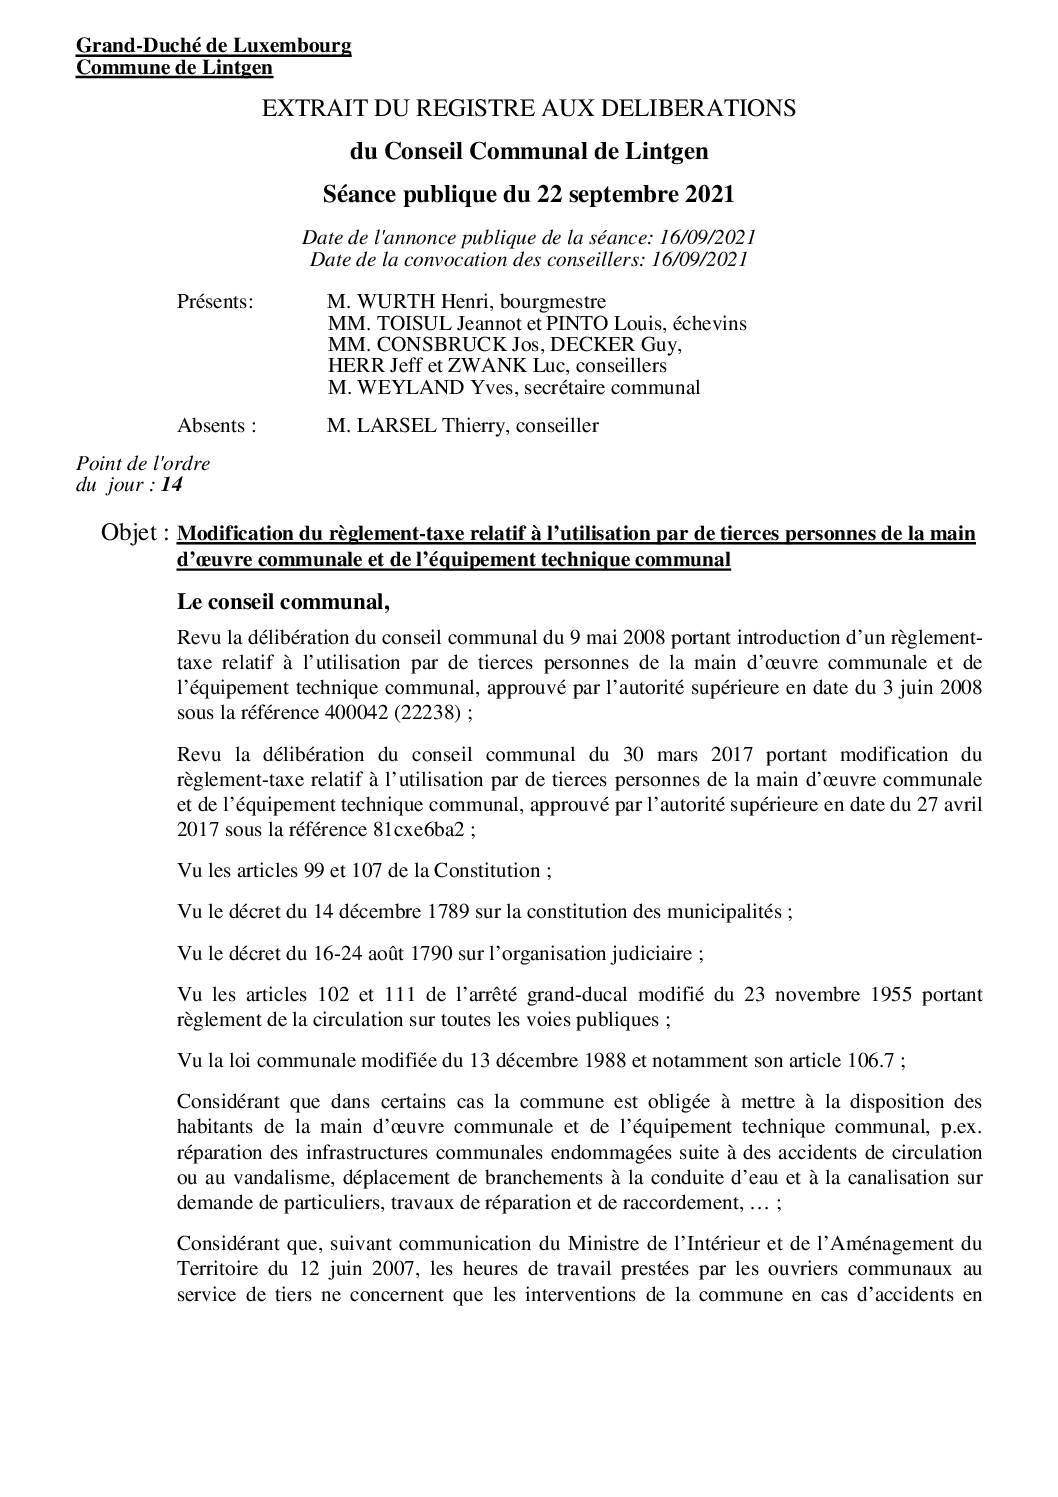 Règlement-taxe relatif à l'utilisation par de tierces personnes de la main d'oeuvre communale et de l'équipement technique communal